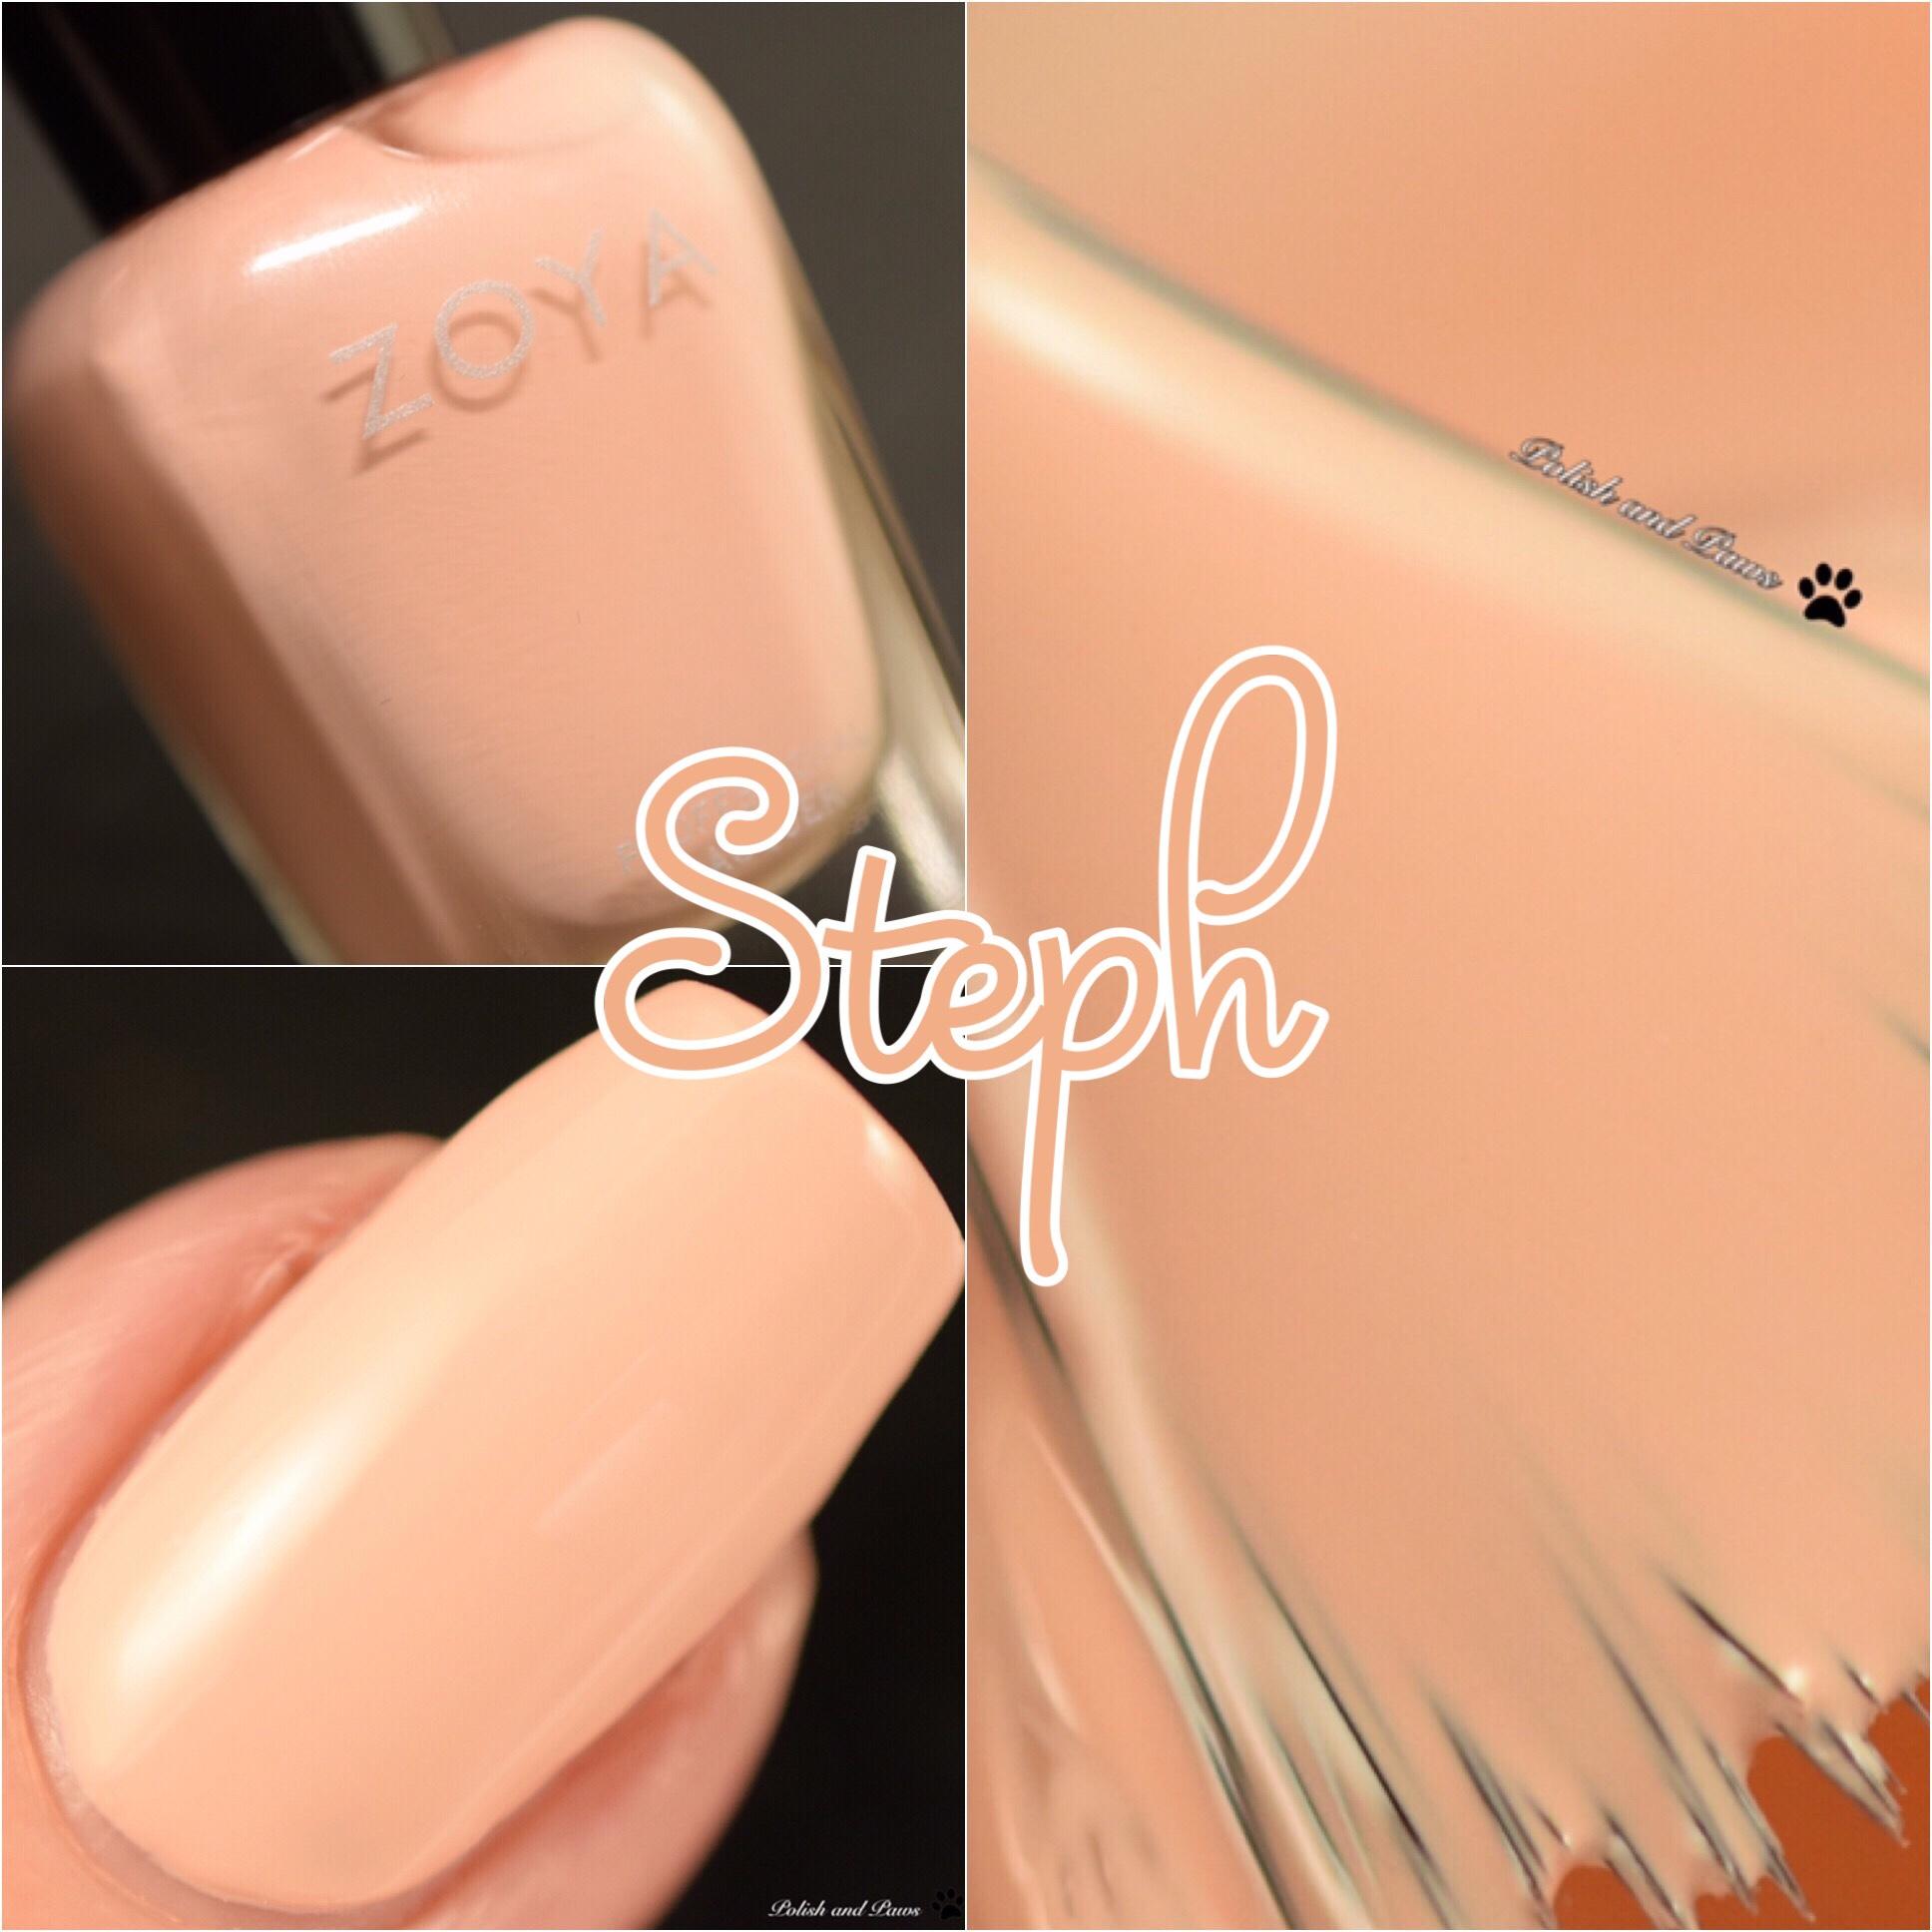 Zoya Nail Polish Steph